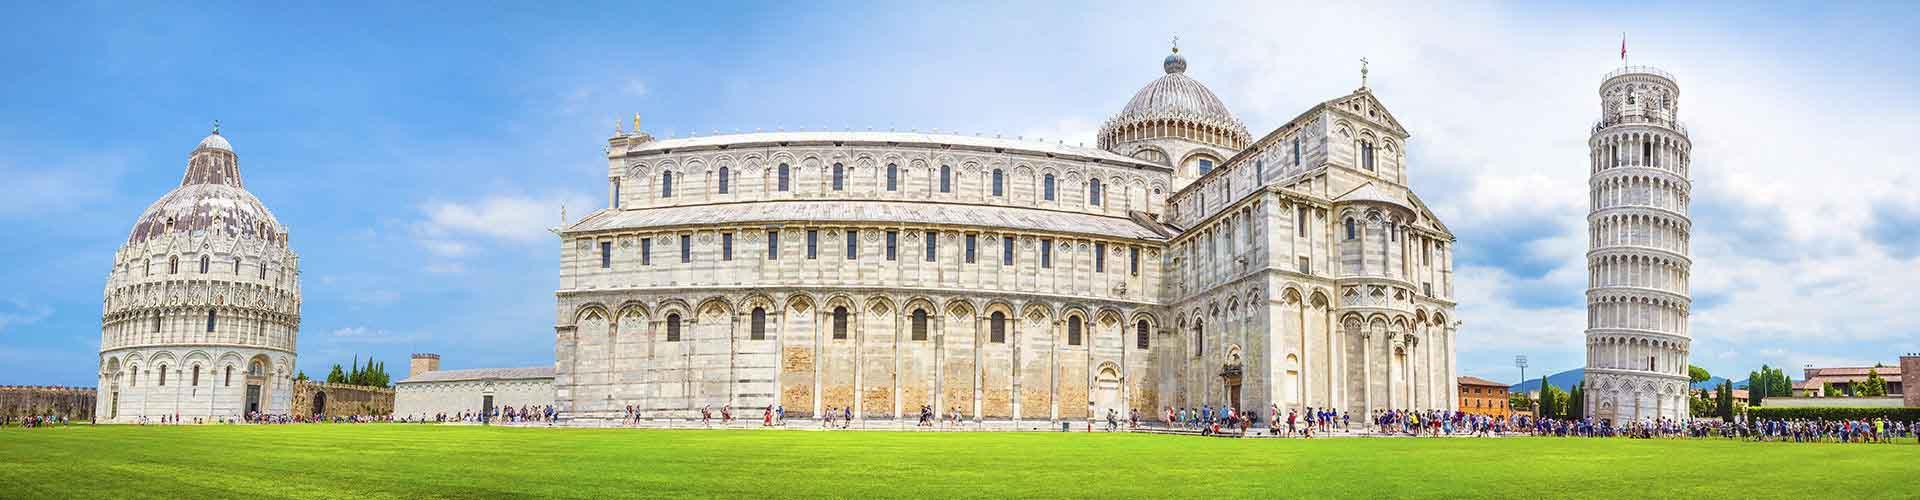 Pisa - Ifjúsági Szállások Pisaben. Pisa térképek, fotók és ajánlások minden egyes ifjúsági szállásokra Pisa-ben.